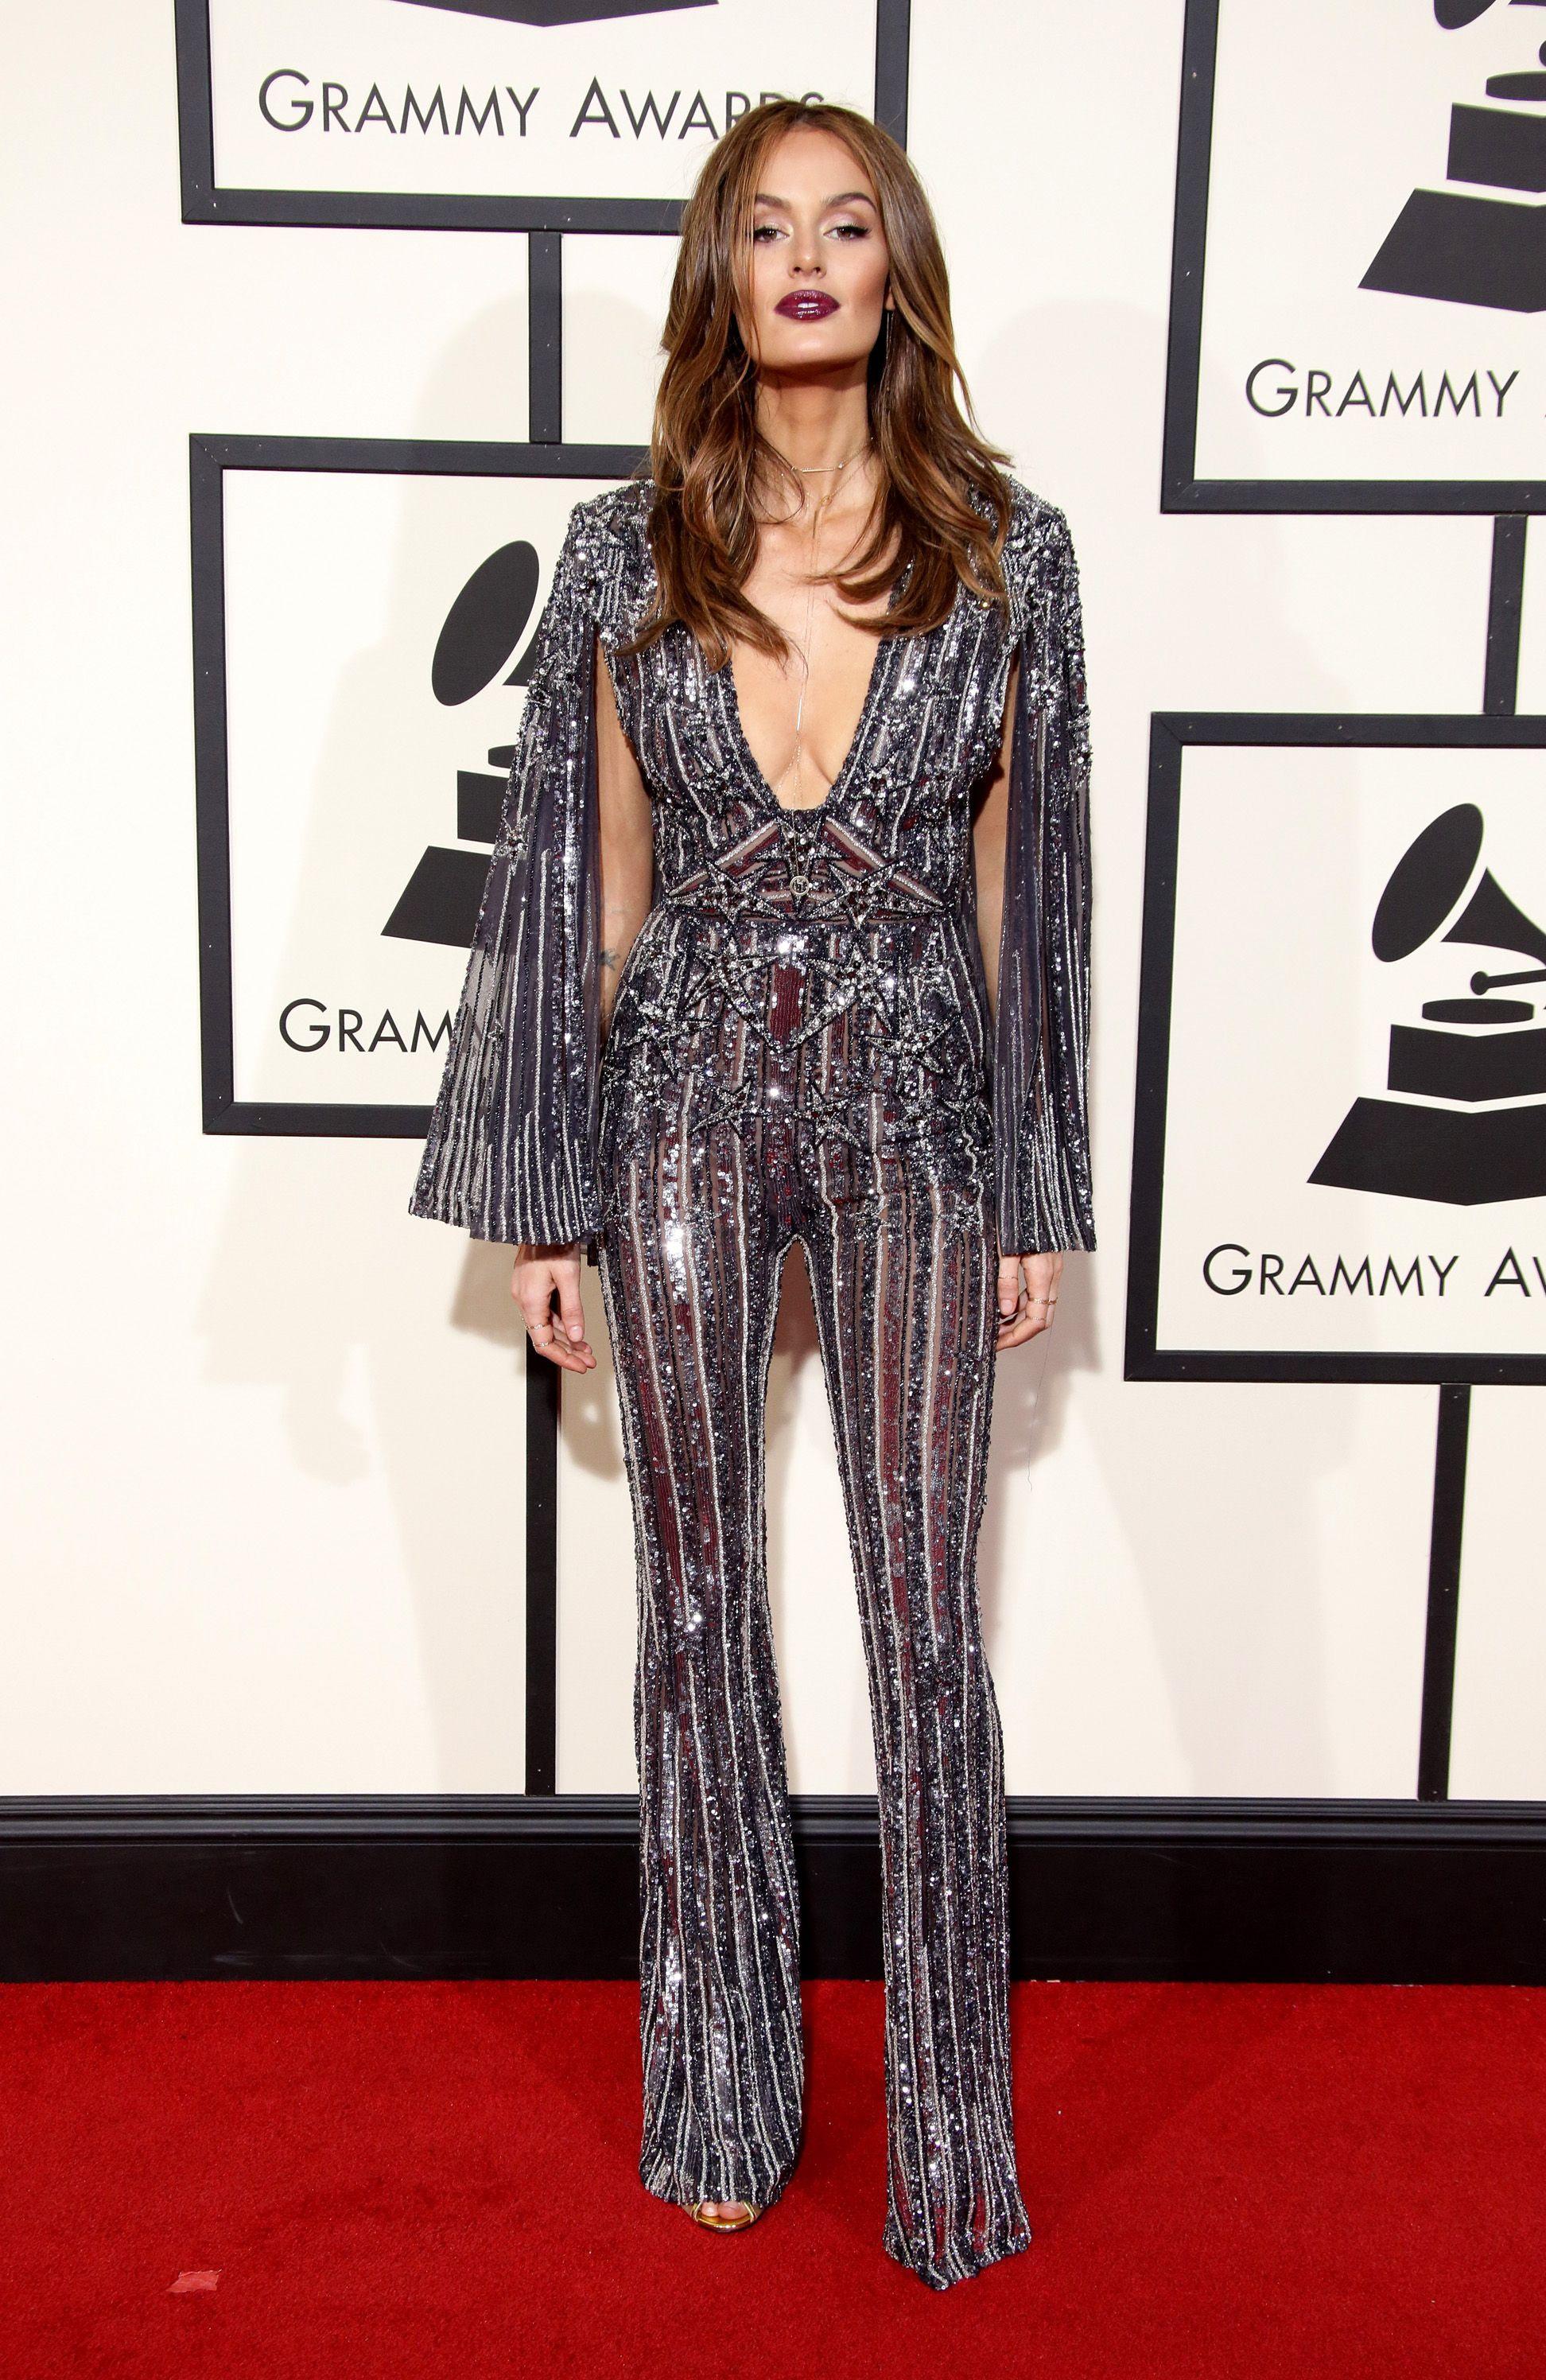 Grammys Fashion Round Up